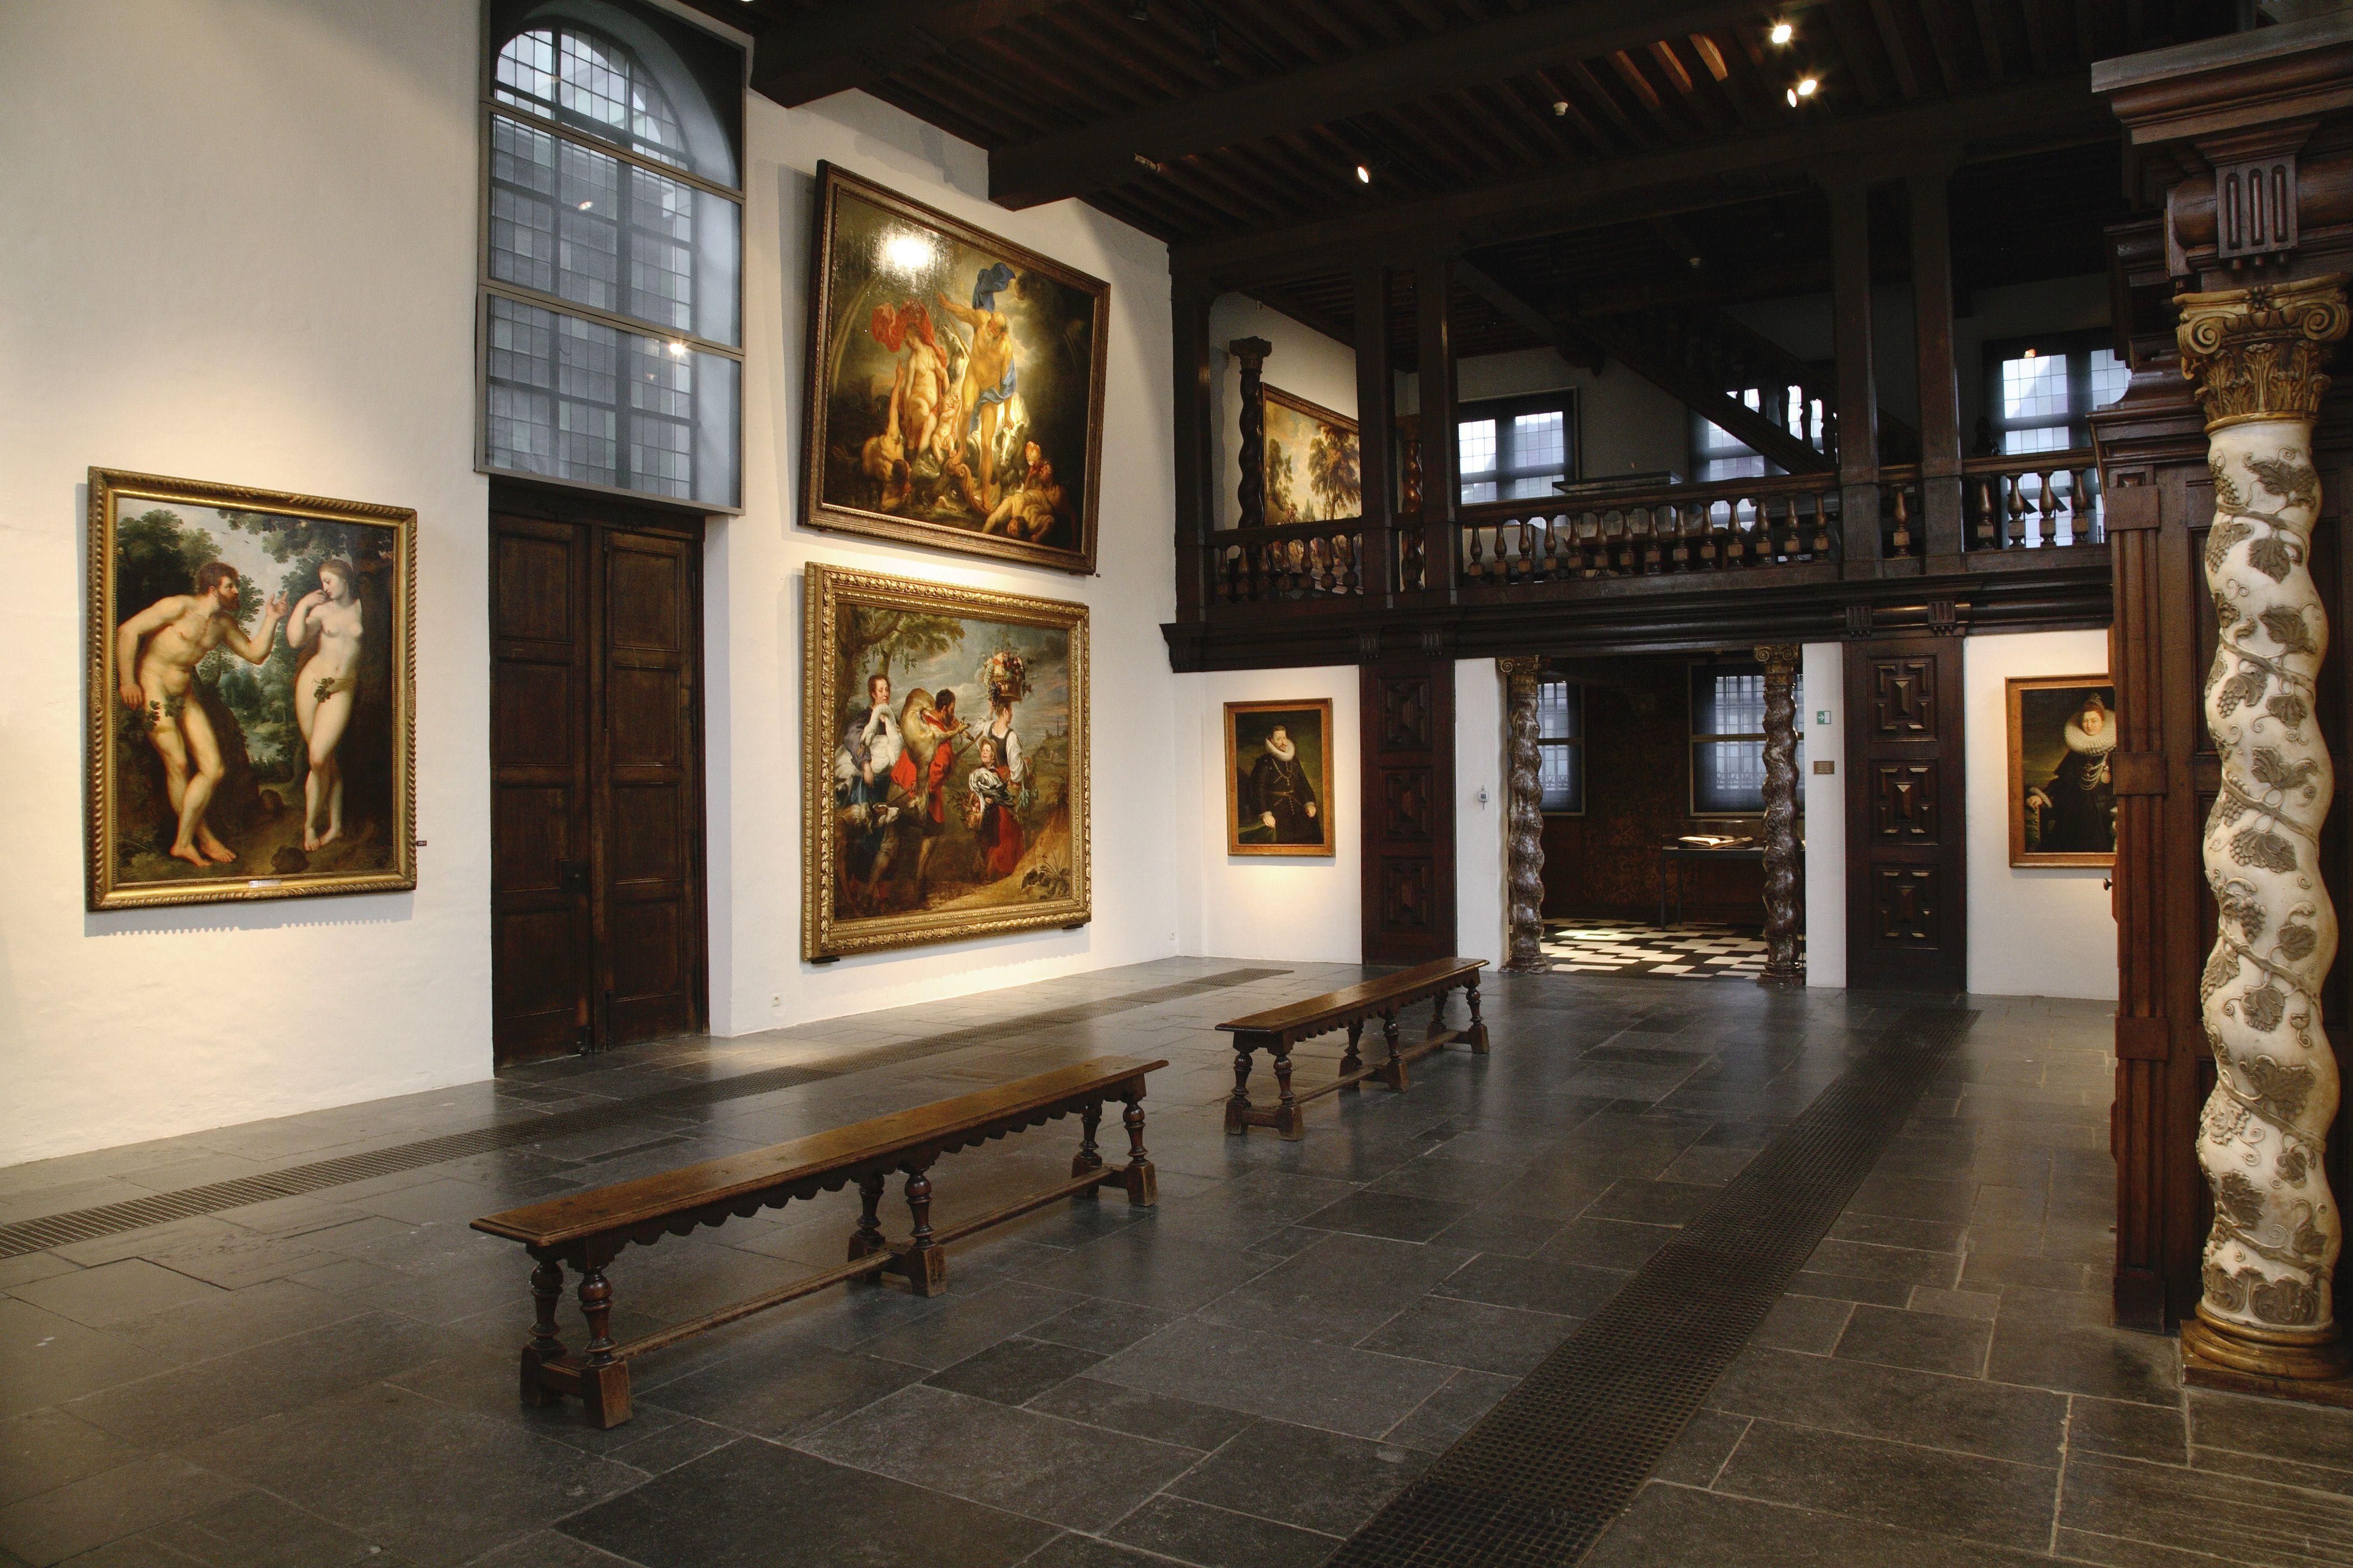 Rubenshuis musea antwerpen codart for Interieur antwerpen